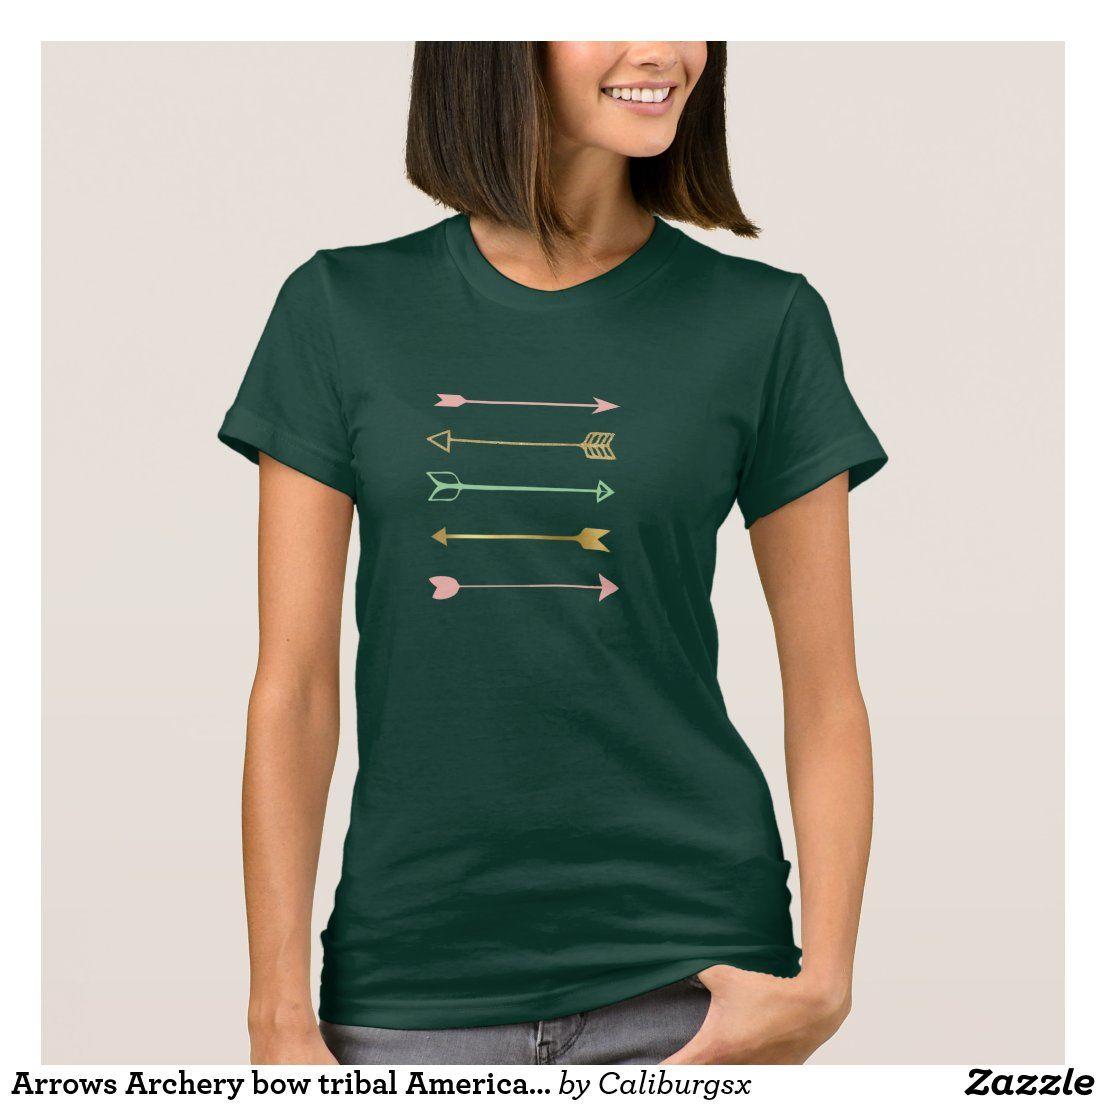 Arrows archery bow tribal american tattoo art indi tshirt